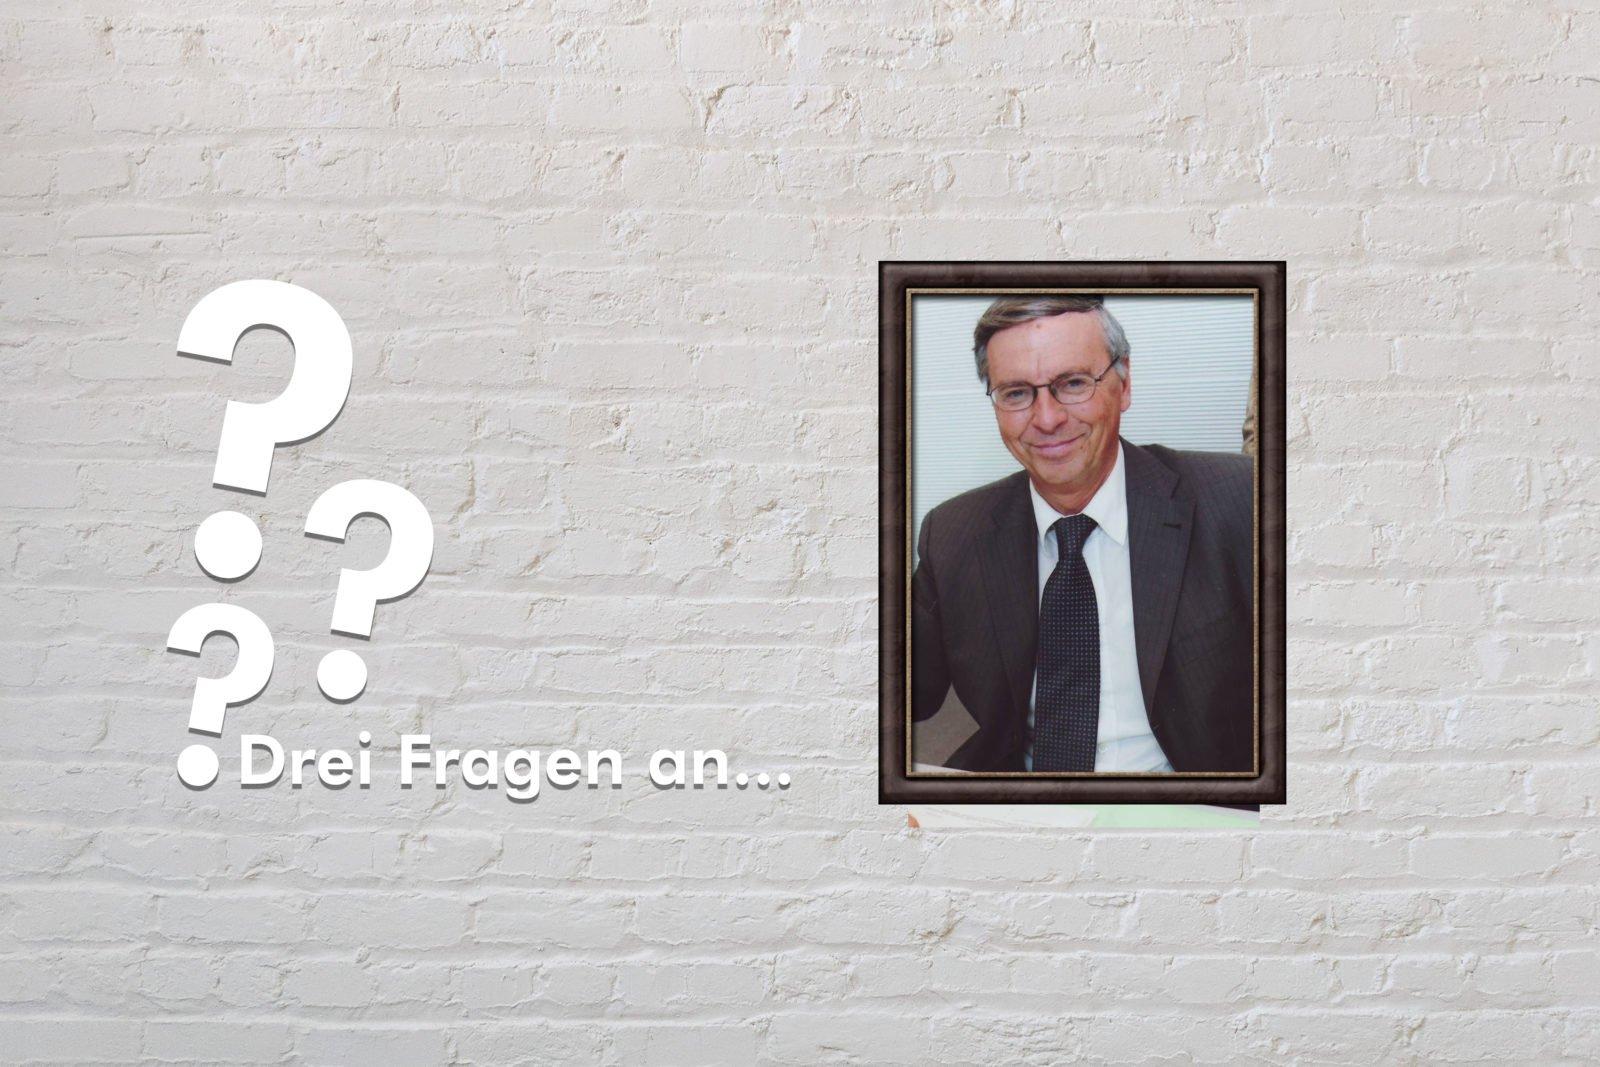 Zu sehen ist das Cover von drei Fragen an Wolfgang Bosbach. Wolfgang Bosbach ist im Portrait in einem Rahmen zu sehen